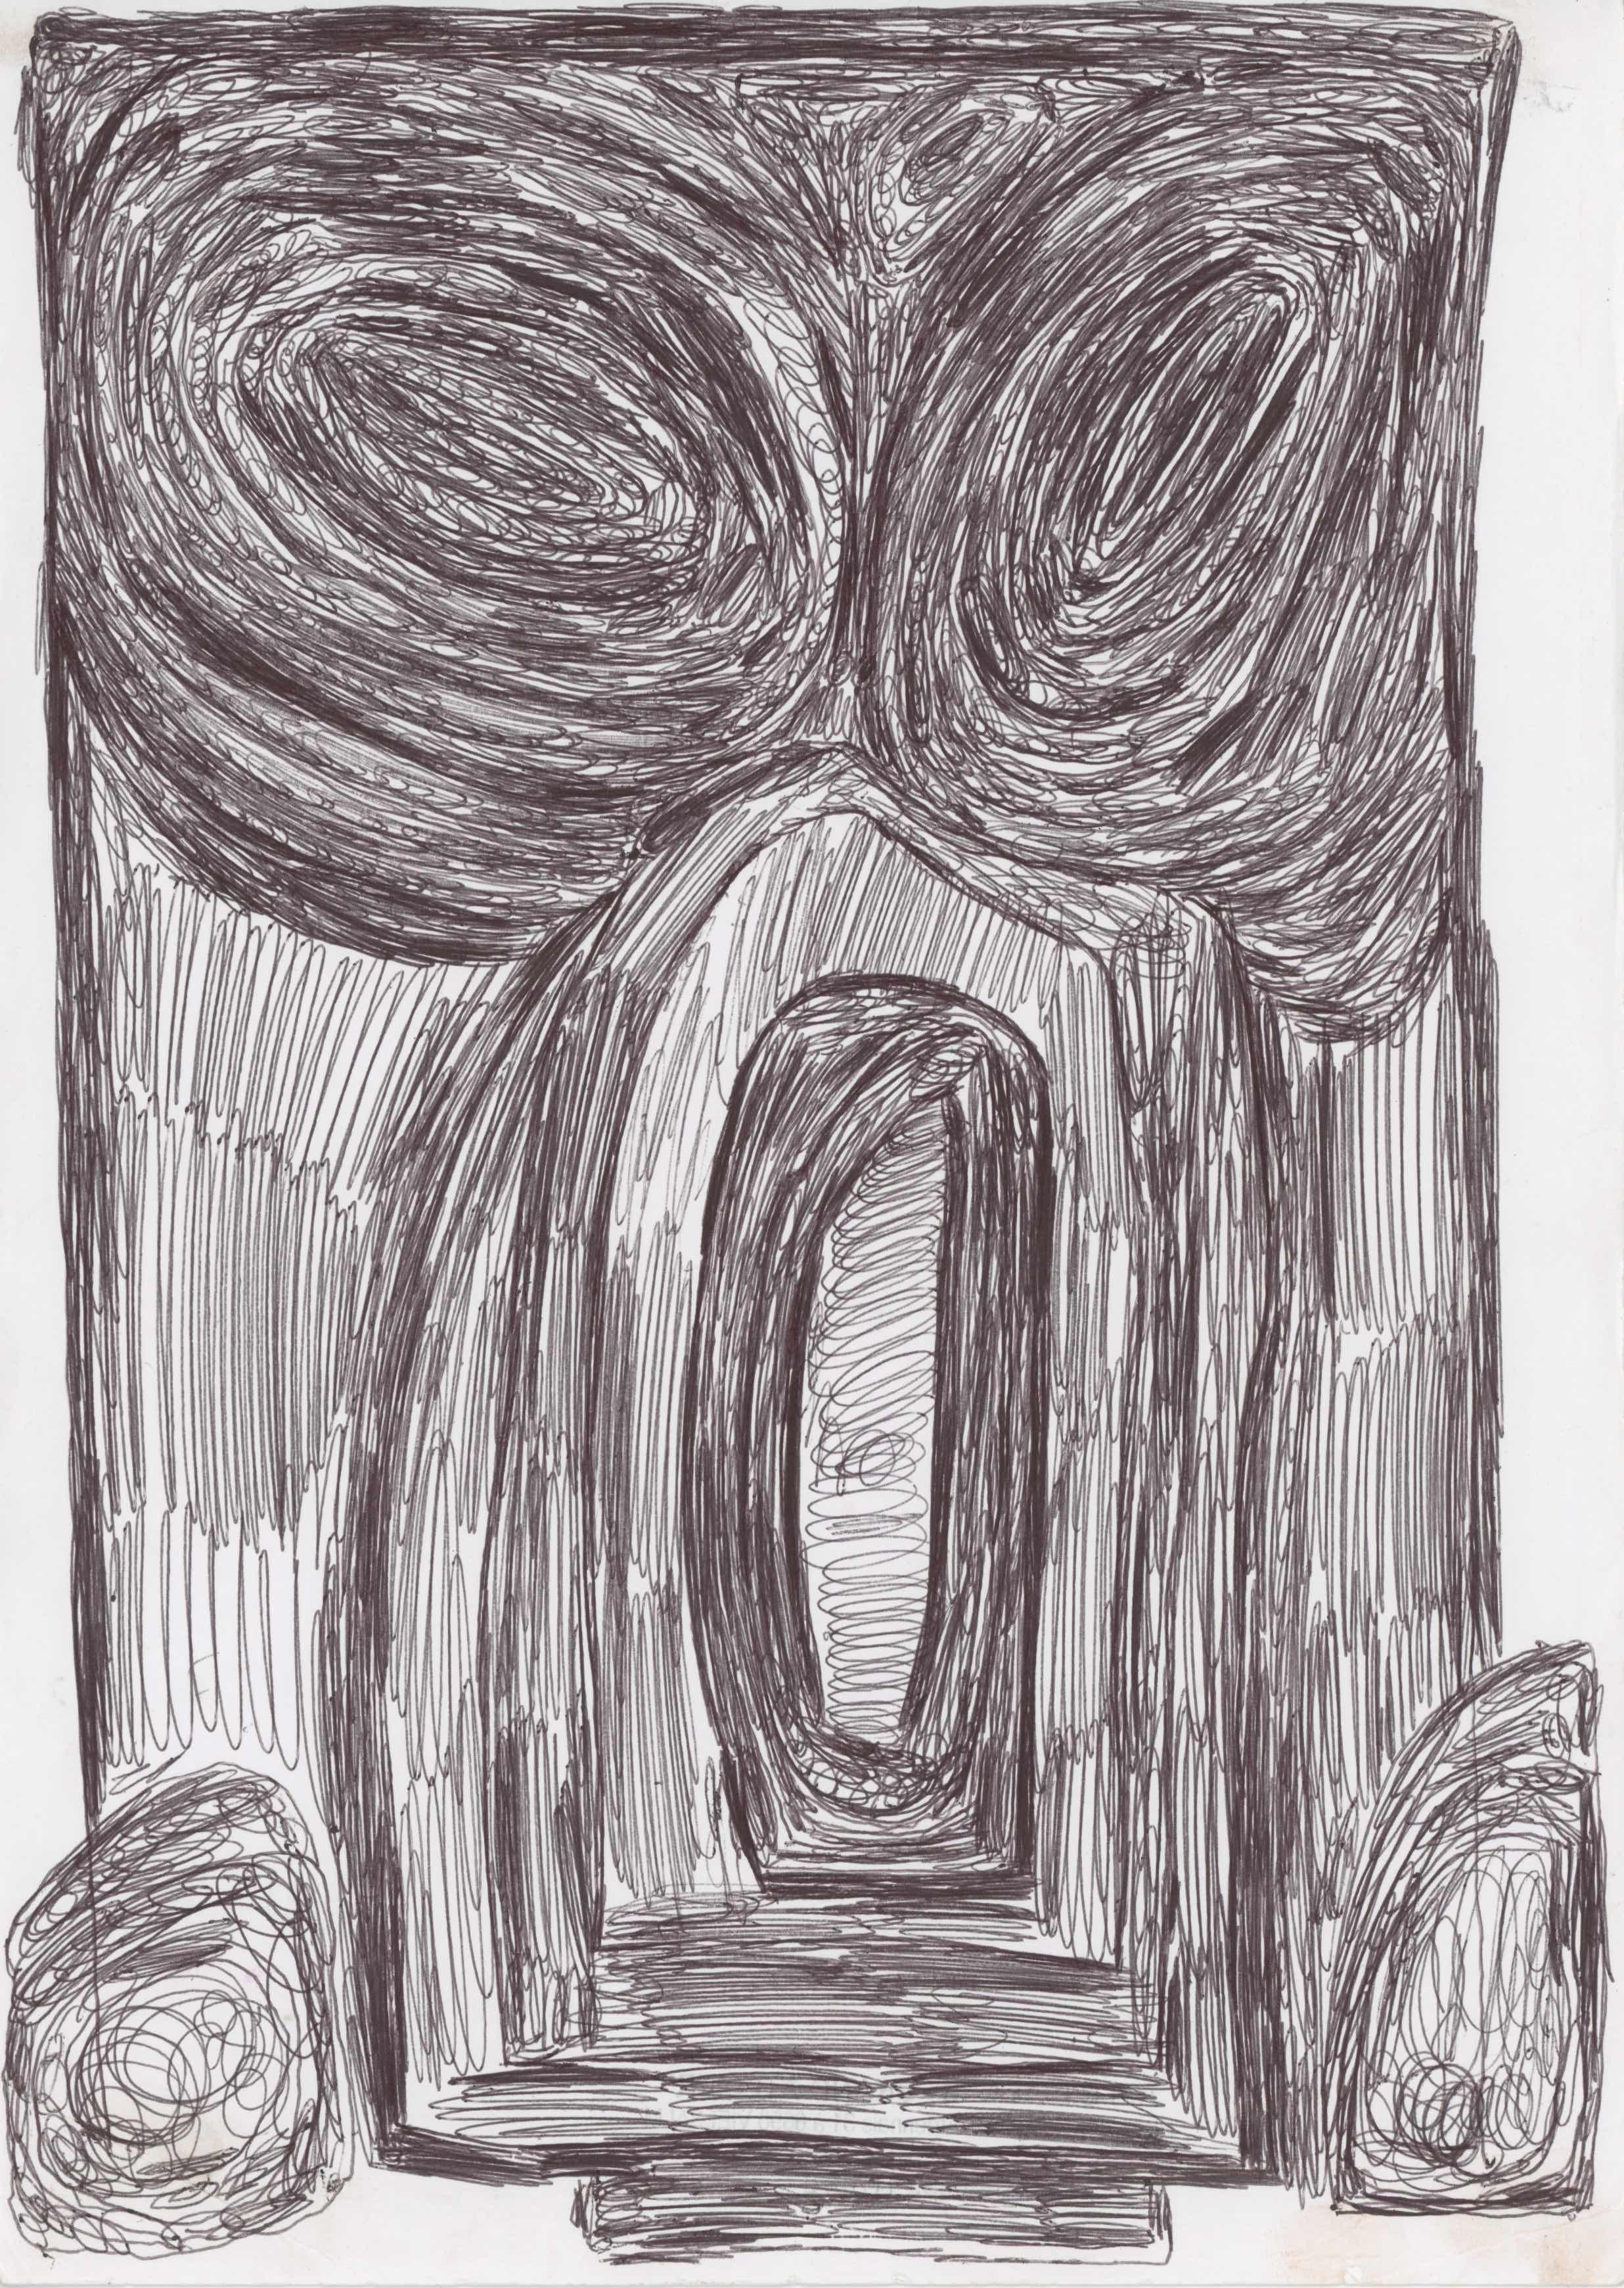 Eric Derkenne    Untitled  , 2004 Ballpoint pen on paper 11.69 x 8.27 inches 29.7 x 21 cm DERK 3